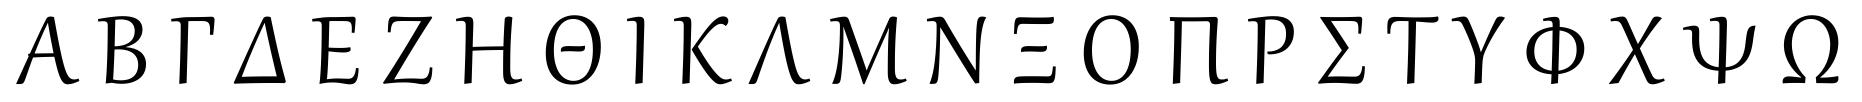 Греческие Буквы: Альфа, Бута, Гамма, Дельта, Эпсилон...